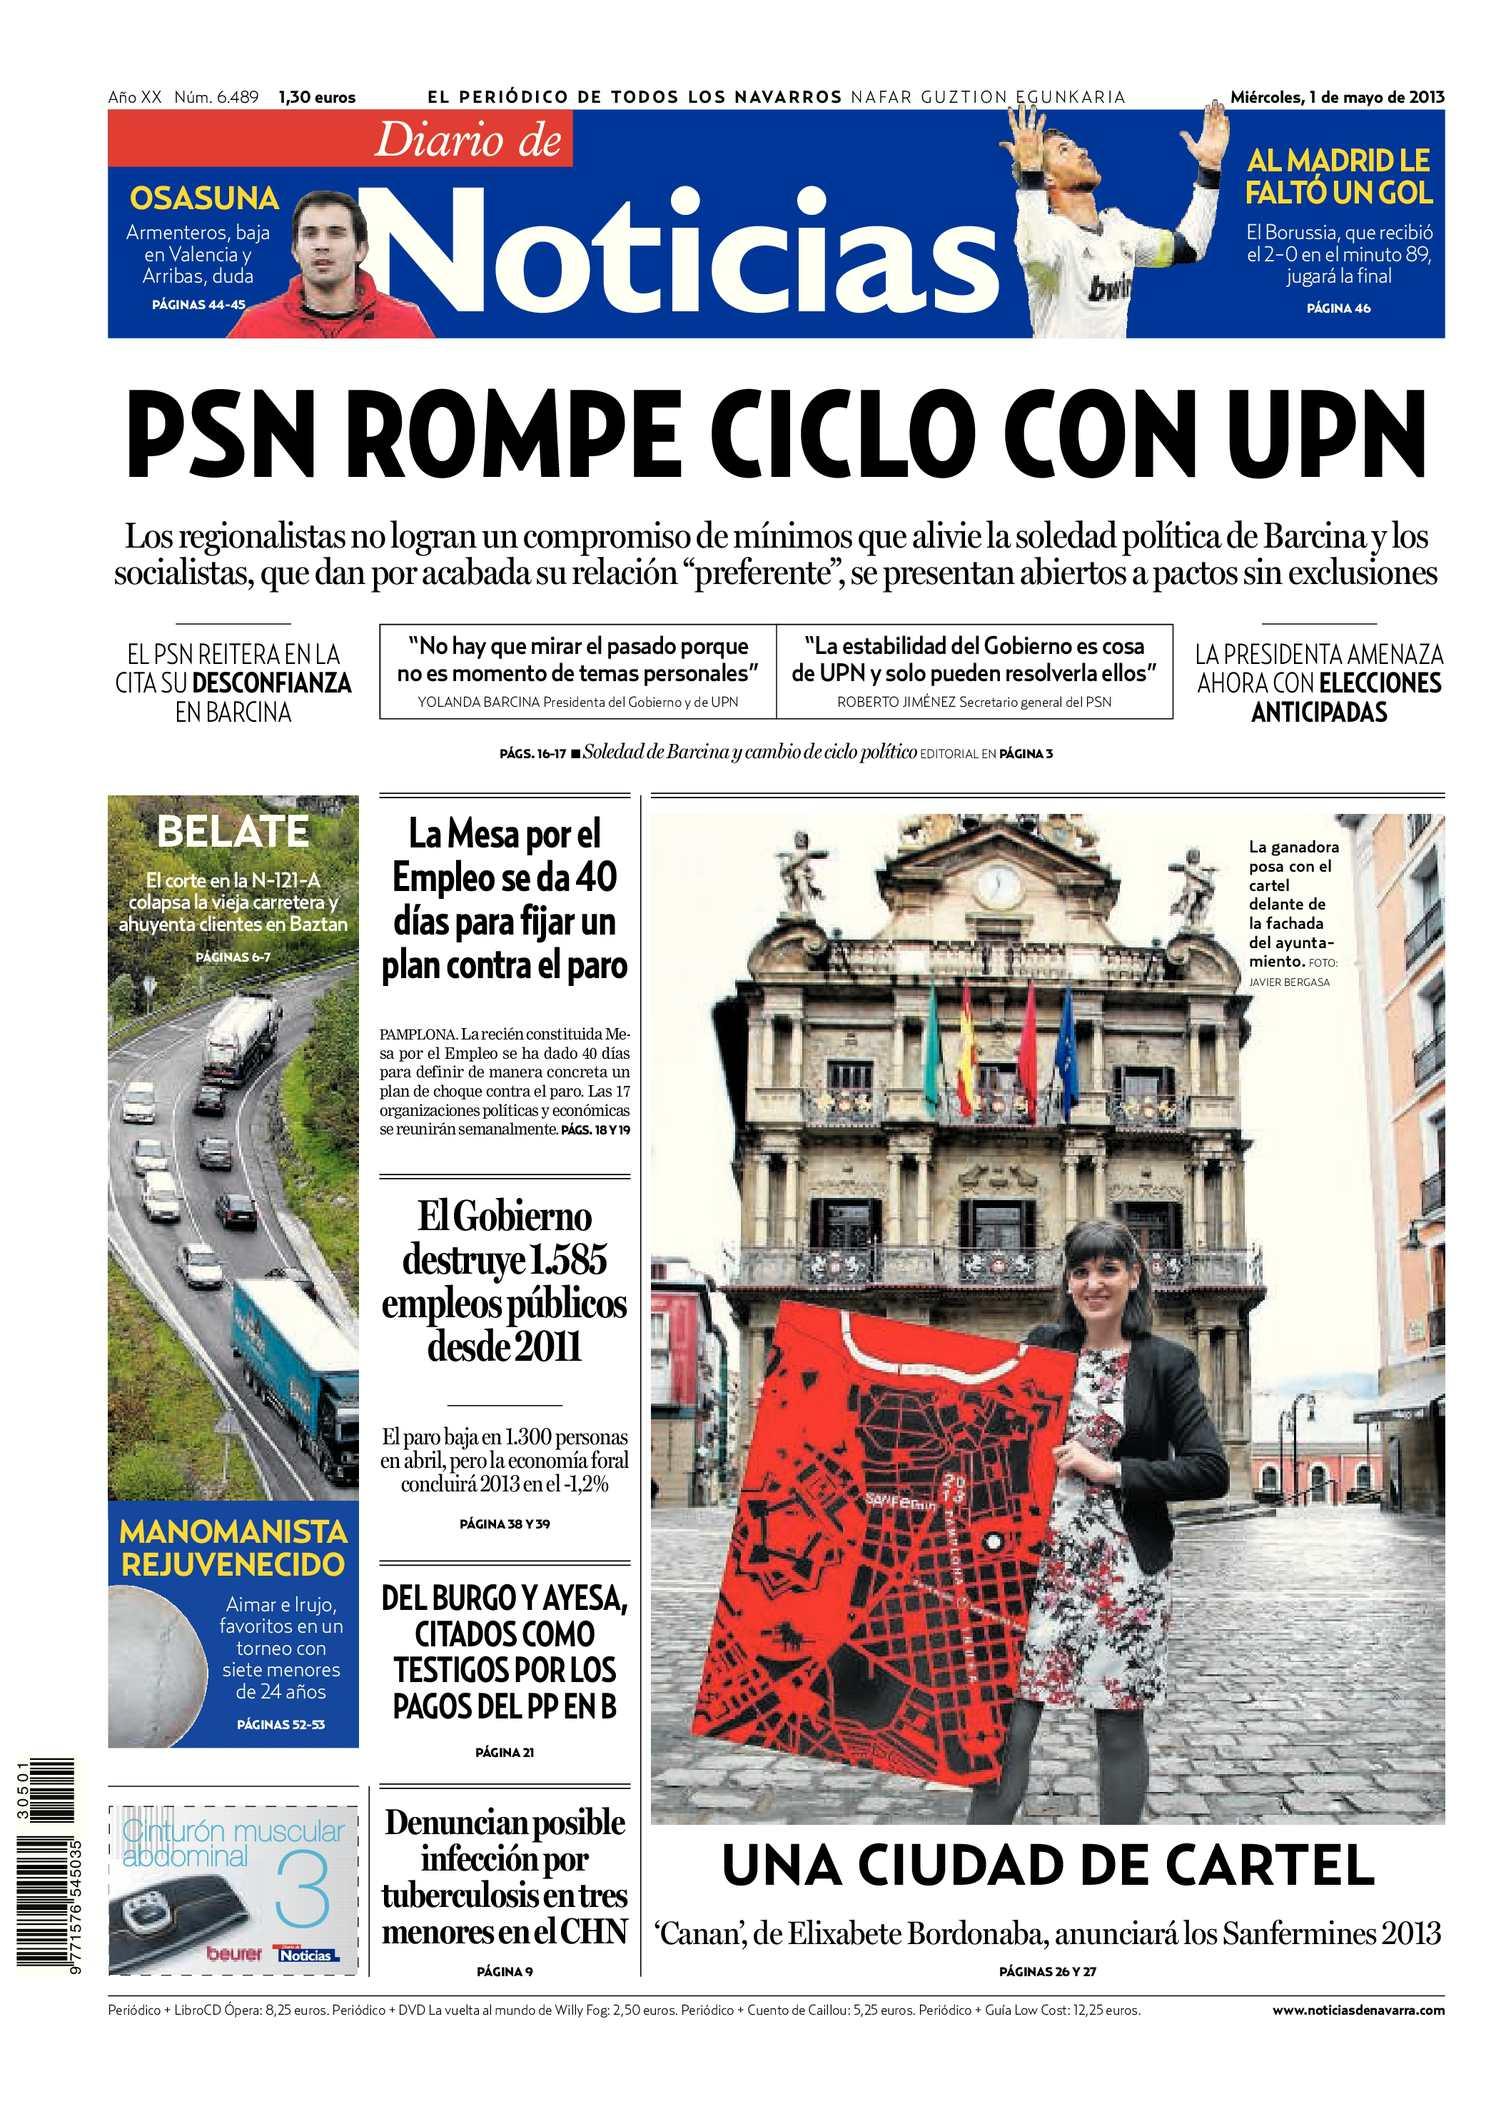 Calaméo - Diario de Noticias 20130501 90464518824a1